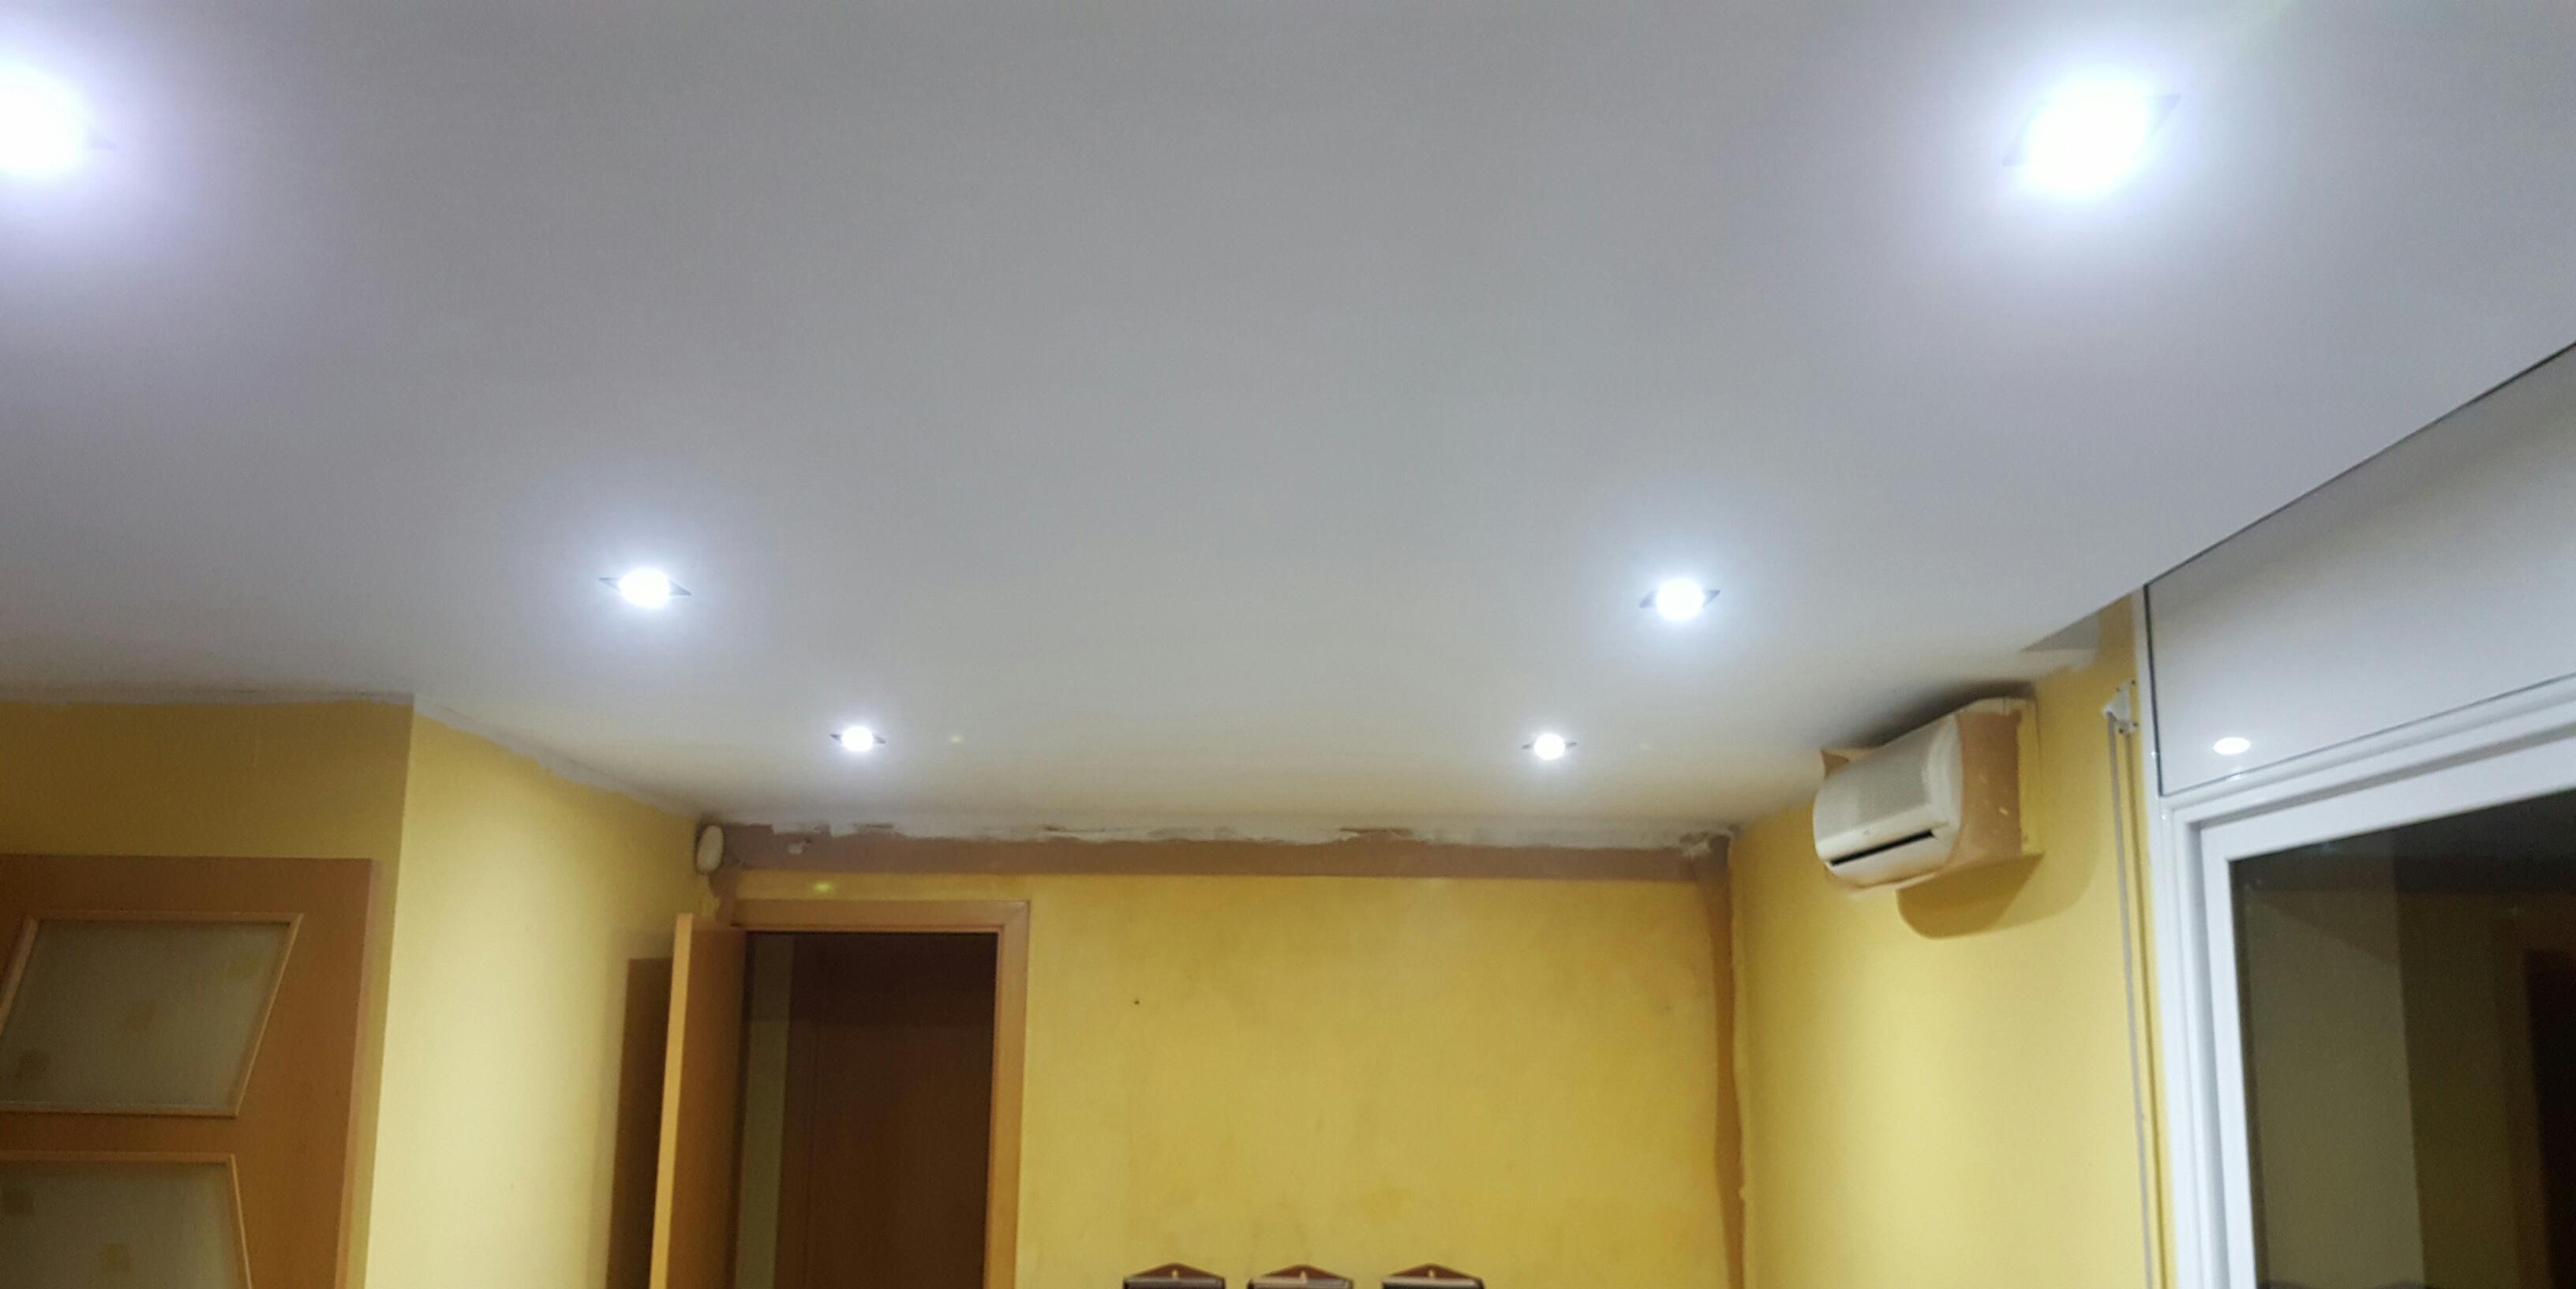 Aislamiento t rmico de techos con pladur y celulosa - Aislante termico para techos ...